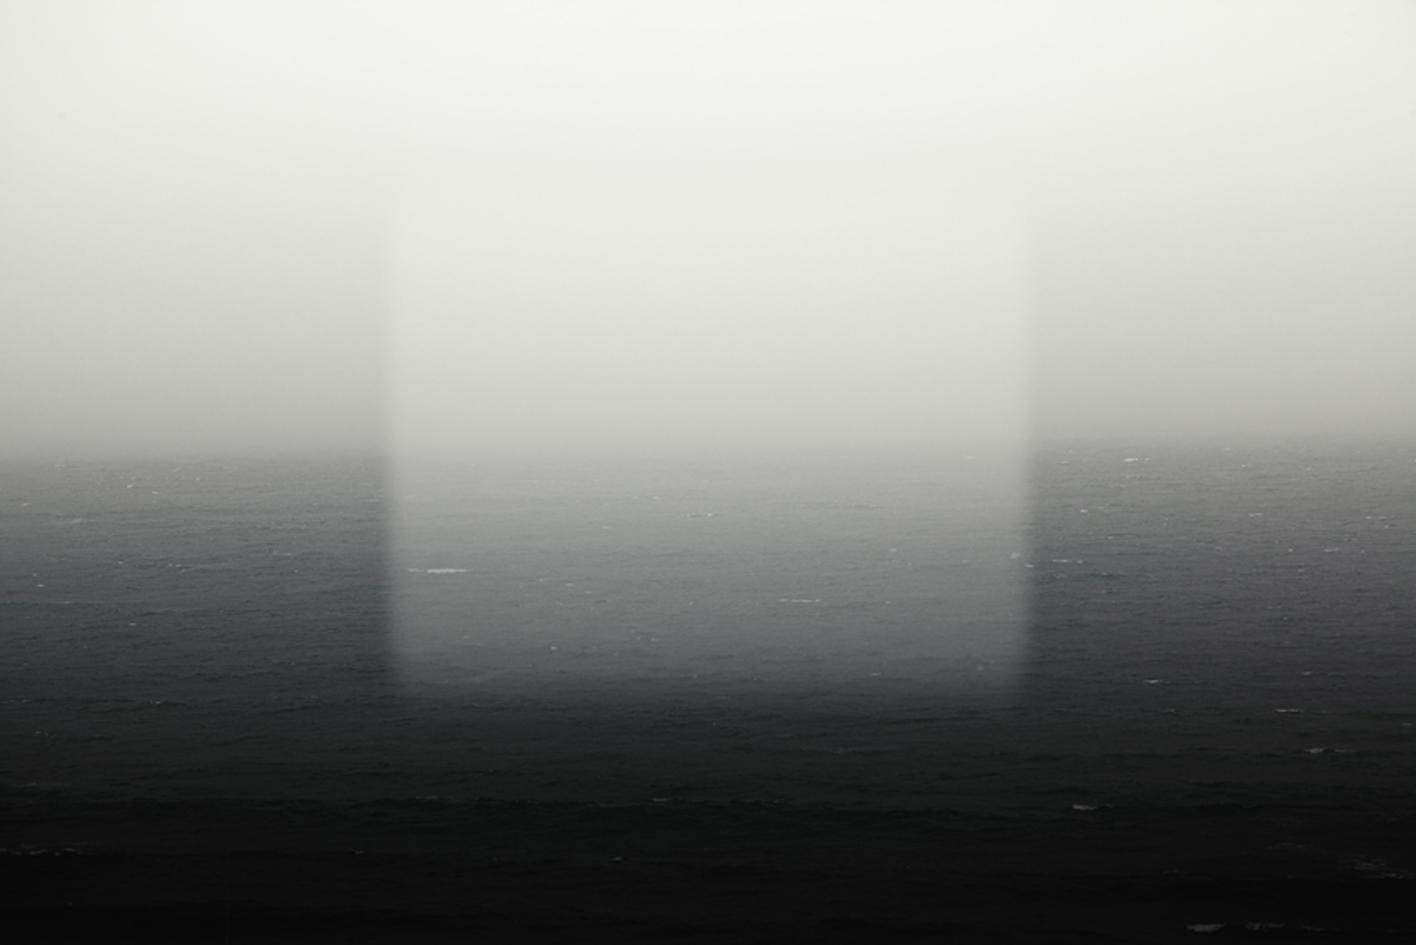 Mar Pantone